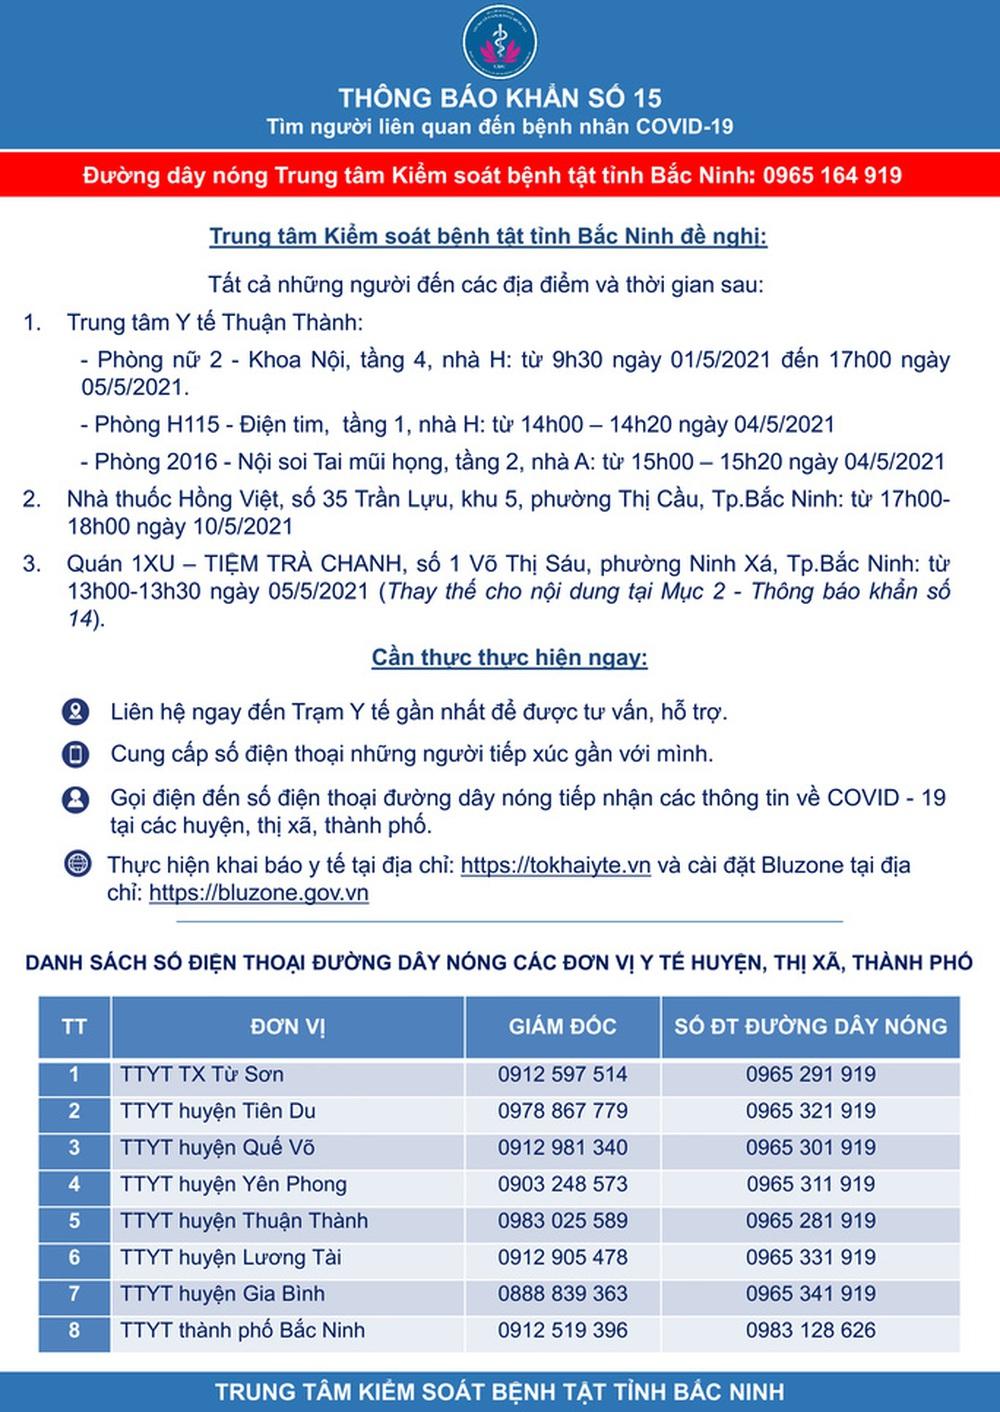 Hỏa tốc giãn cách xã hội toàn huyện Yên Phong của Bắc Ninh từ 14 giờ ngày 15-5 - Ảnh 1.